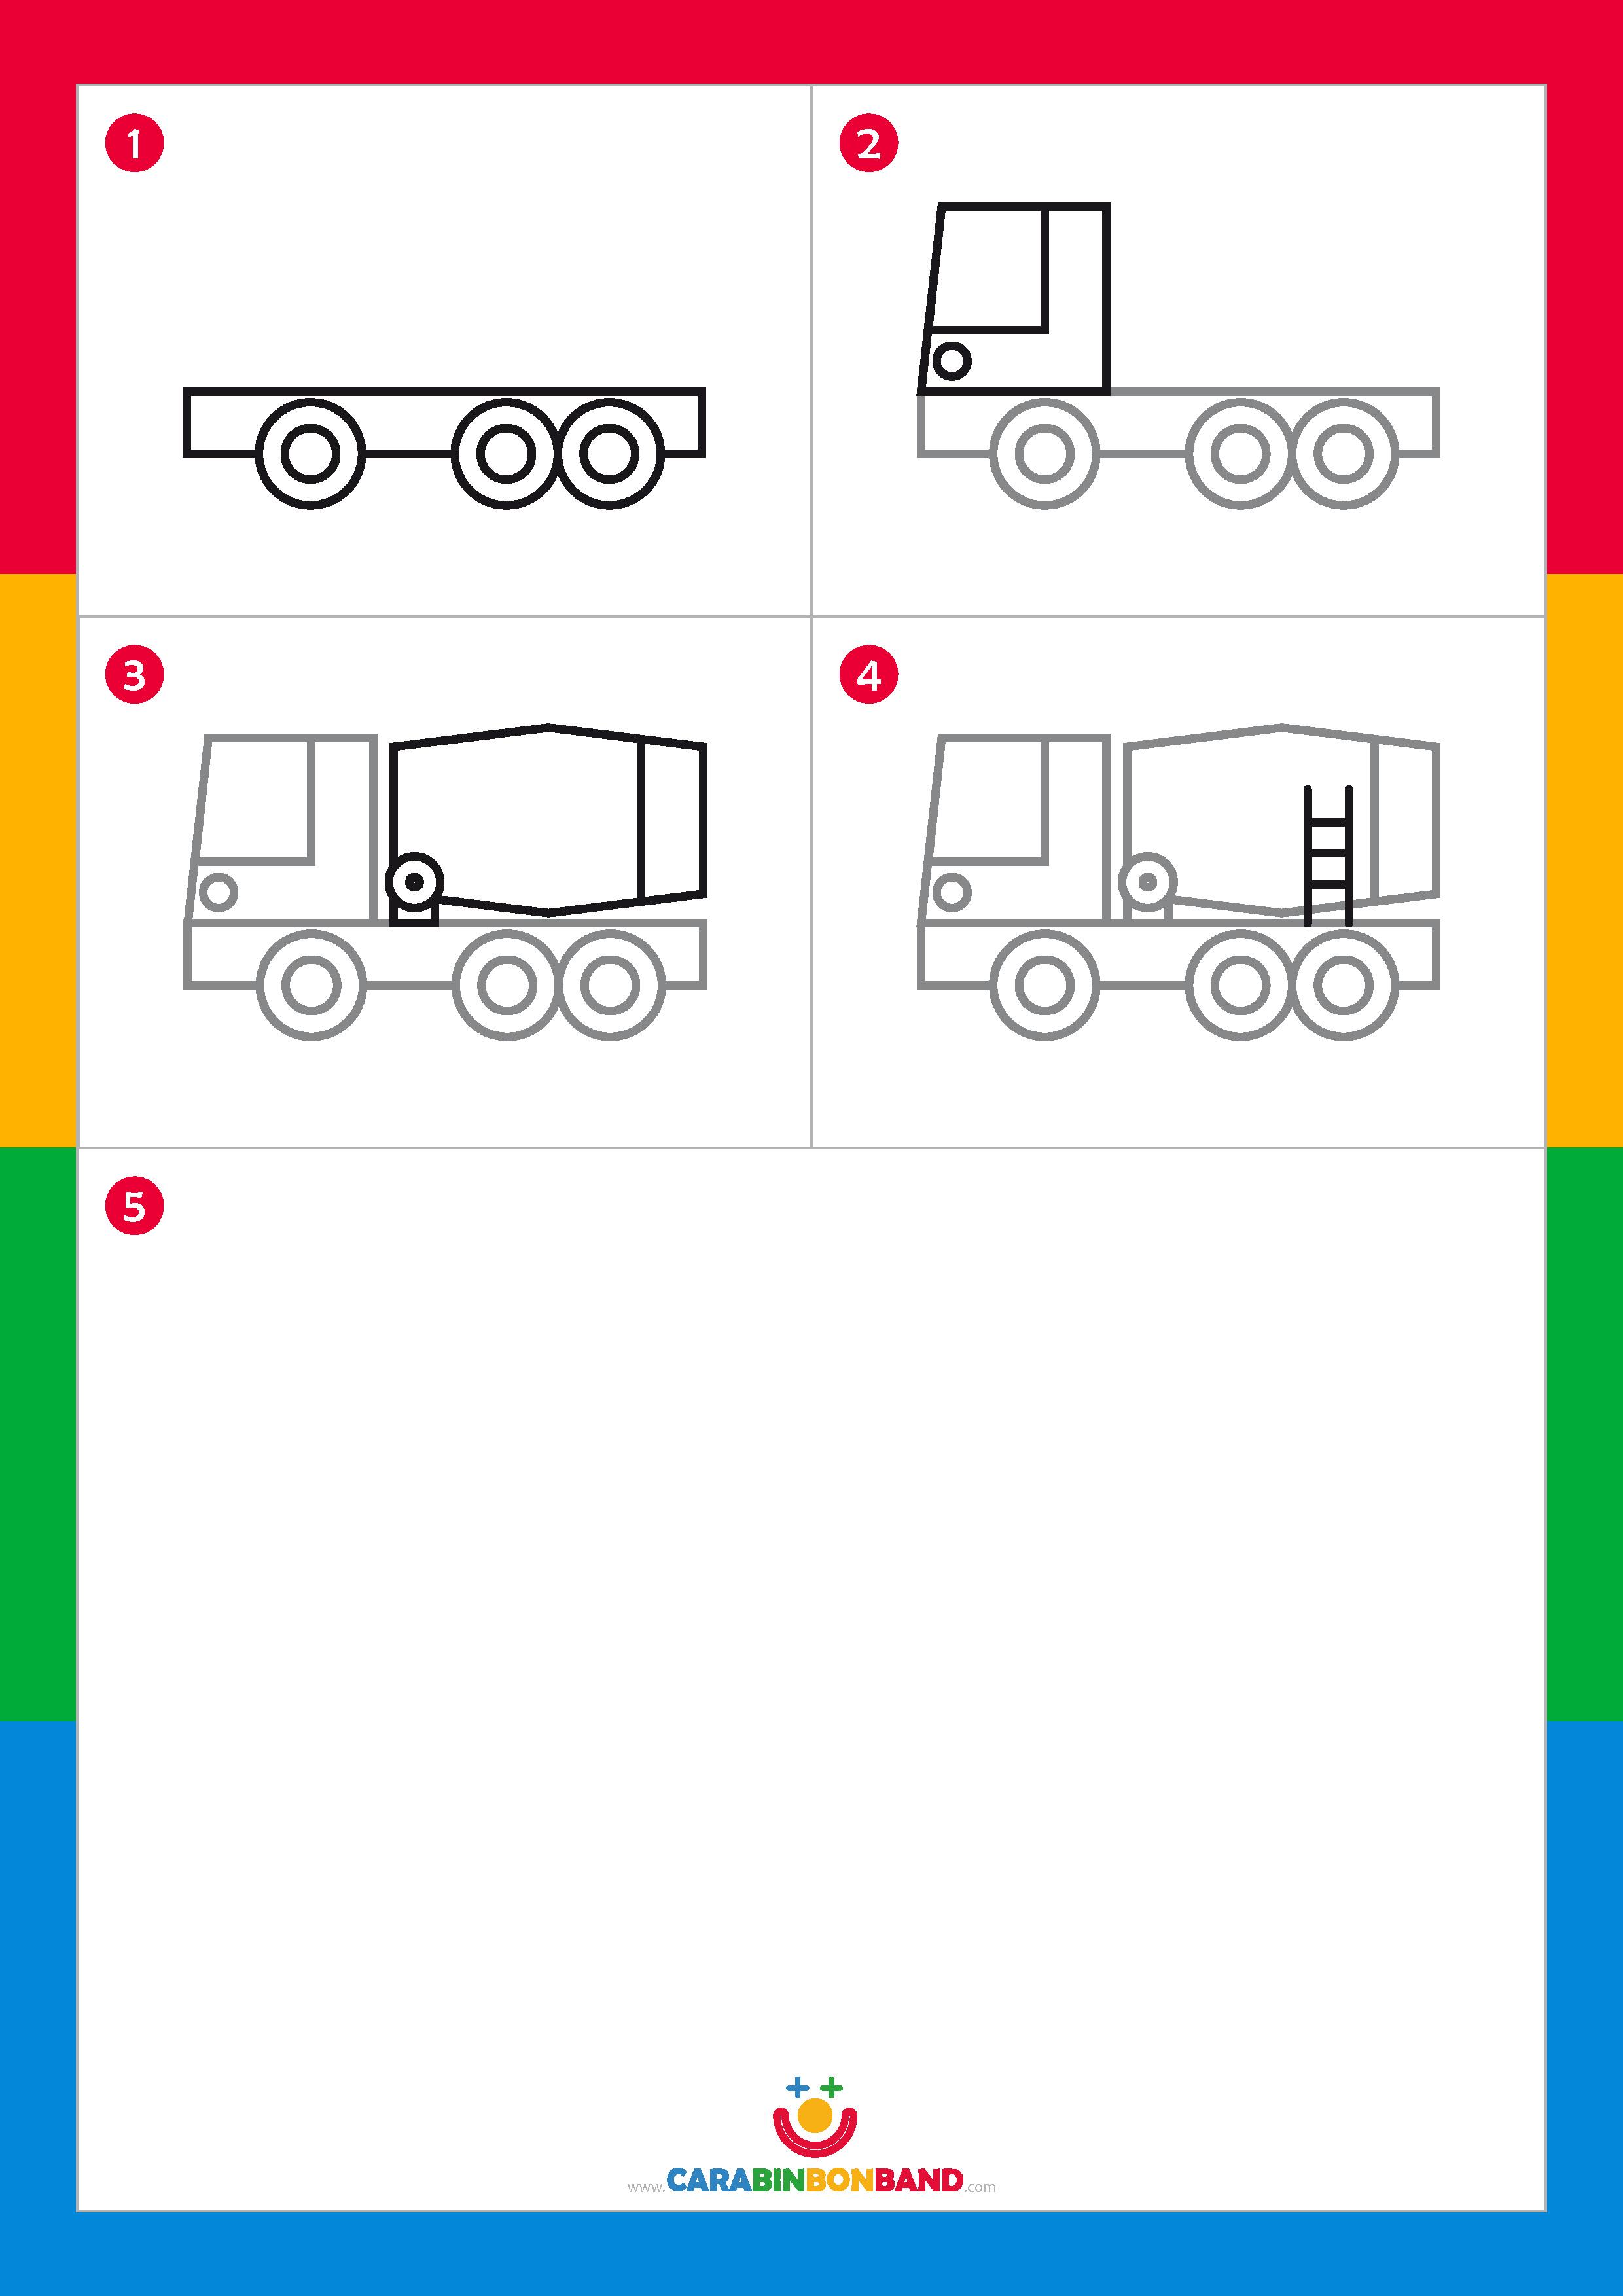 Tutoriales de dibujo: camión hormigonera fácil para niños